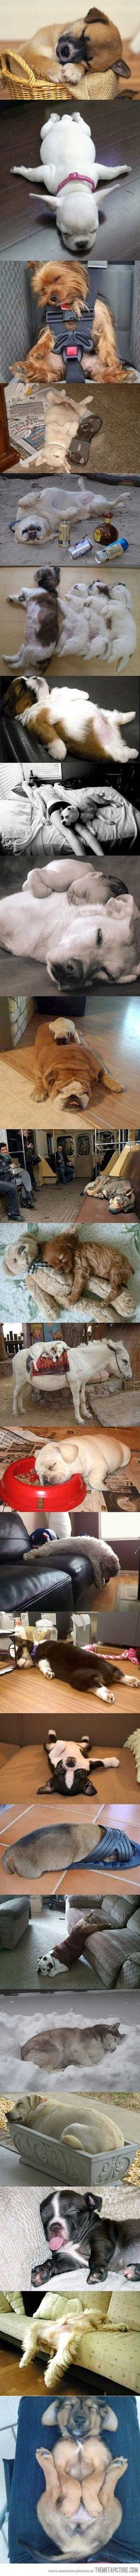 That's cute!